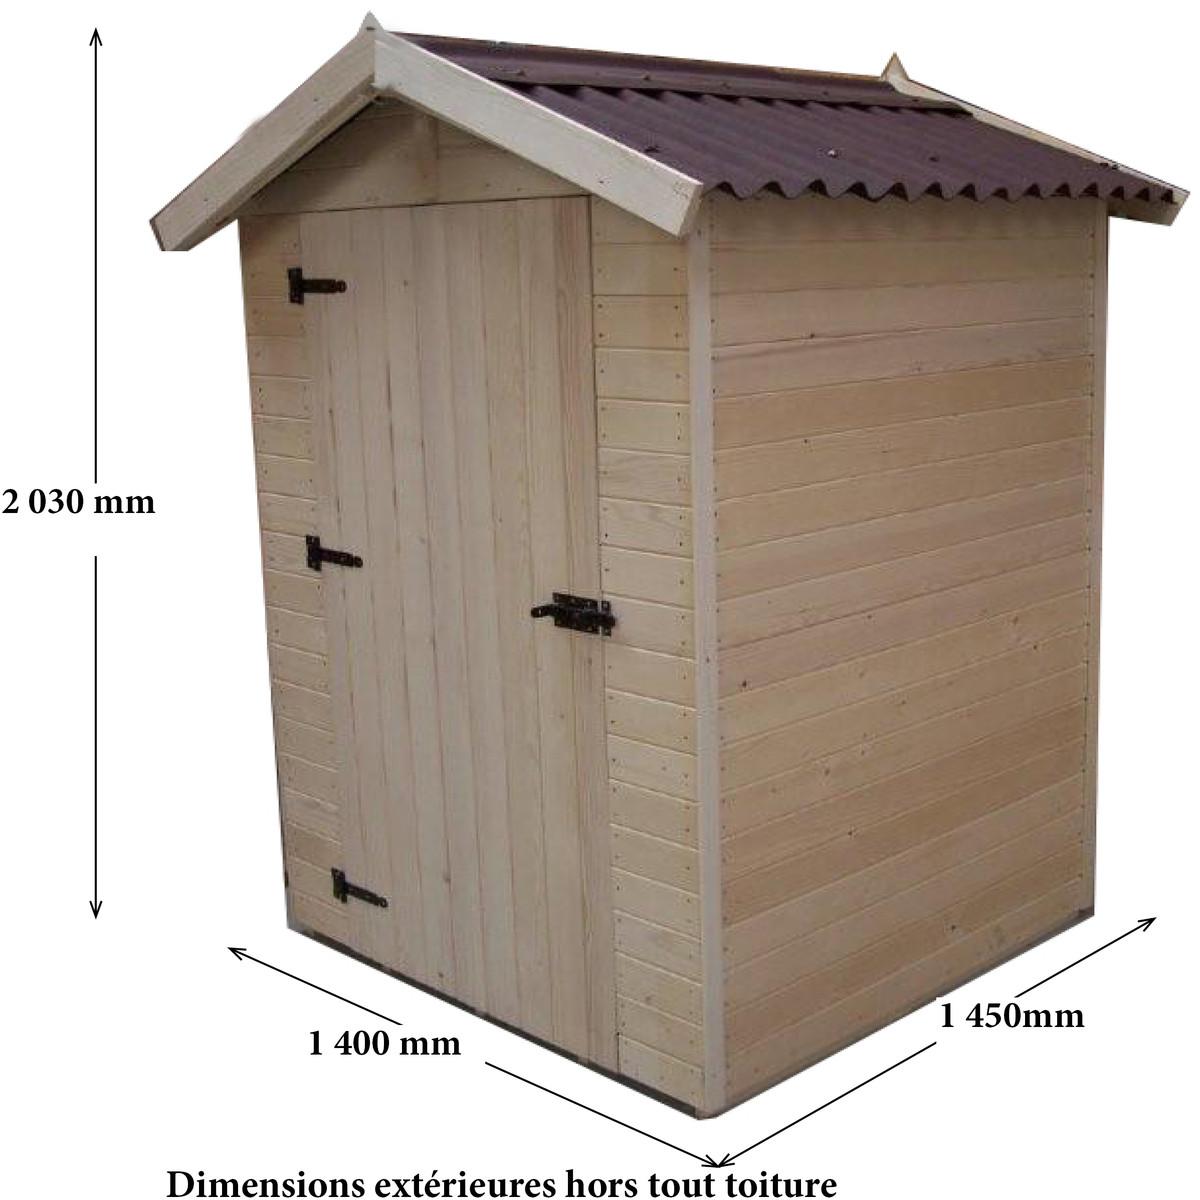 abri de jardin chalet et jardin Abri de jardin bois EDEN1 - 1,36m² Chalet de jardin bois 16mm à prix